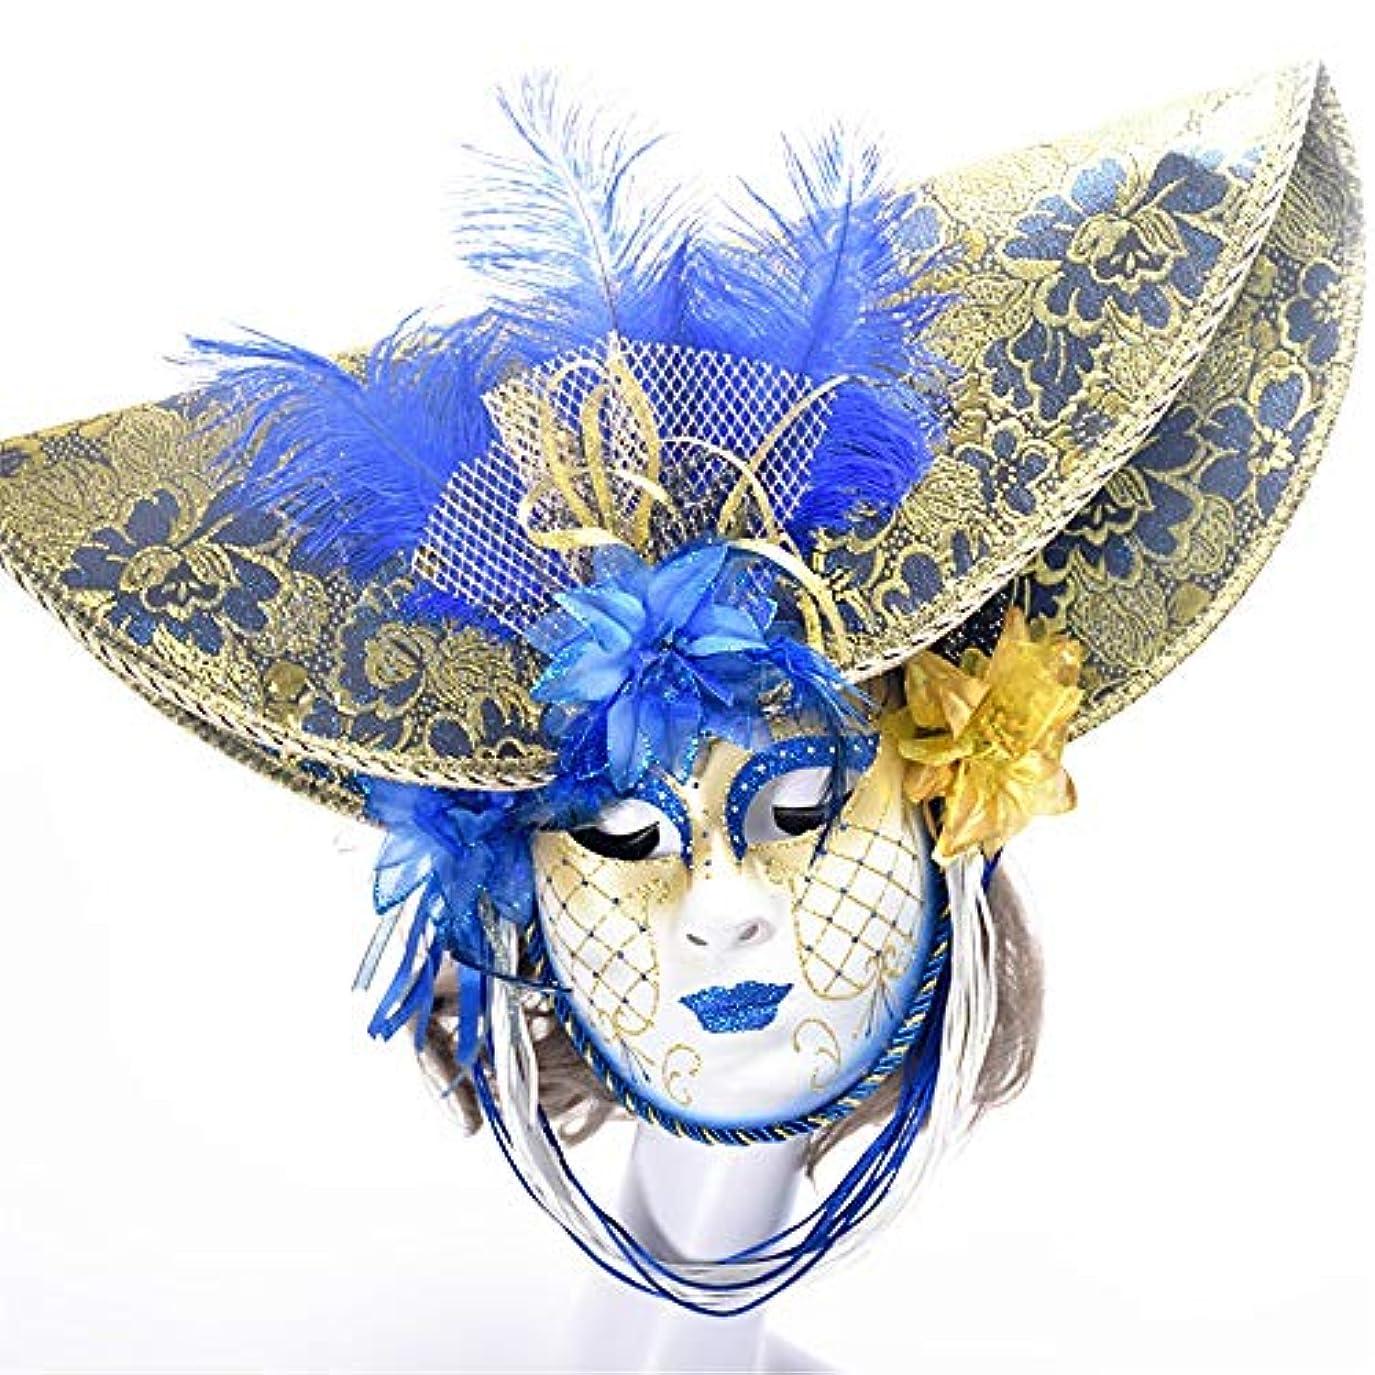 フラグラント仕様協力ダンスマスク 手描きフルフェイスマスク大人仮装パーティーブルーフェイスナイトクラブパーティーフェスティバルロールプレイングプラスチックマスク ホリデーパーティー用品 (色 : 青, サイズ : 55x35cm)